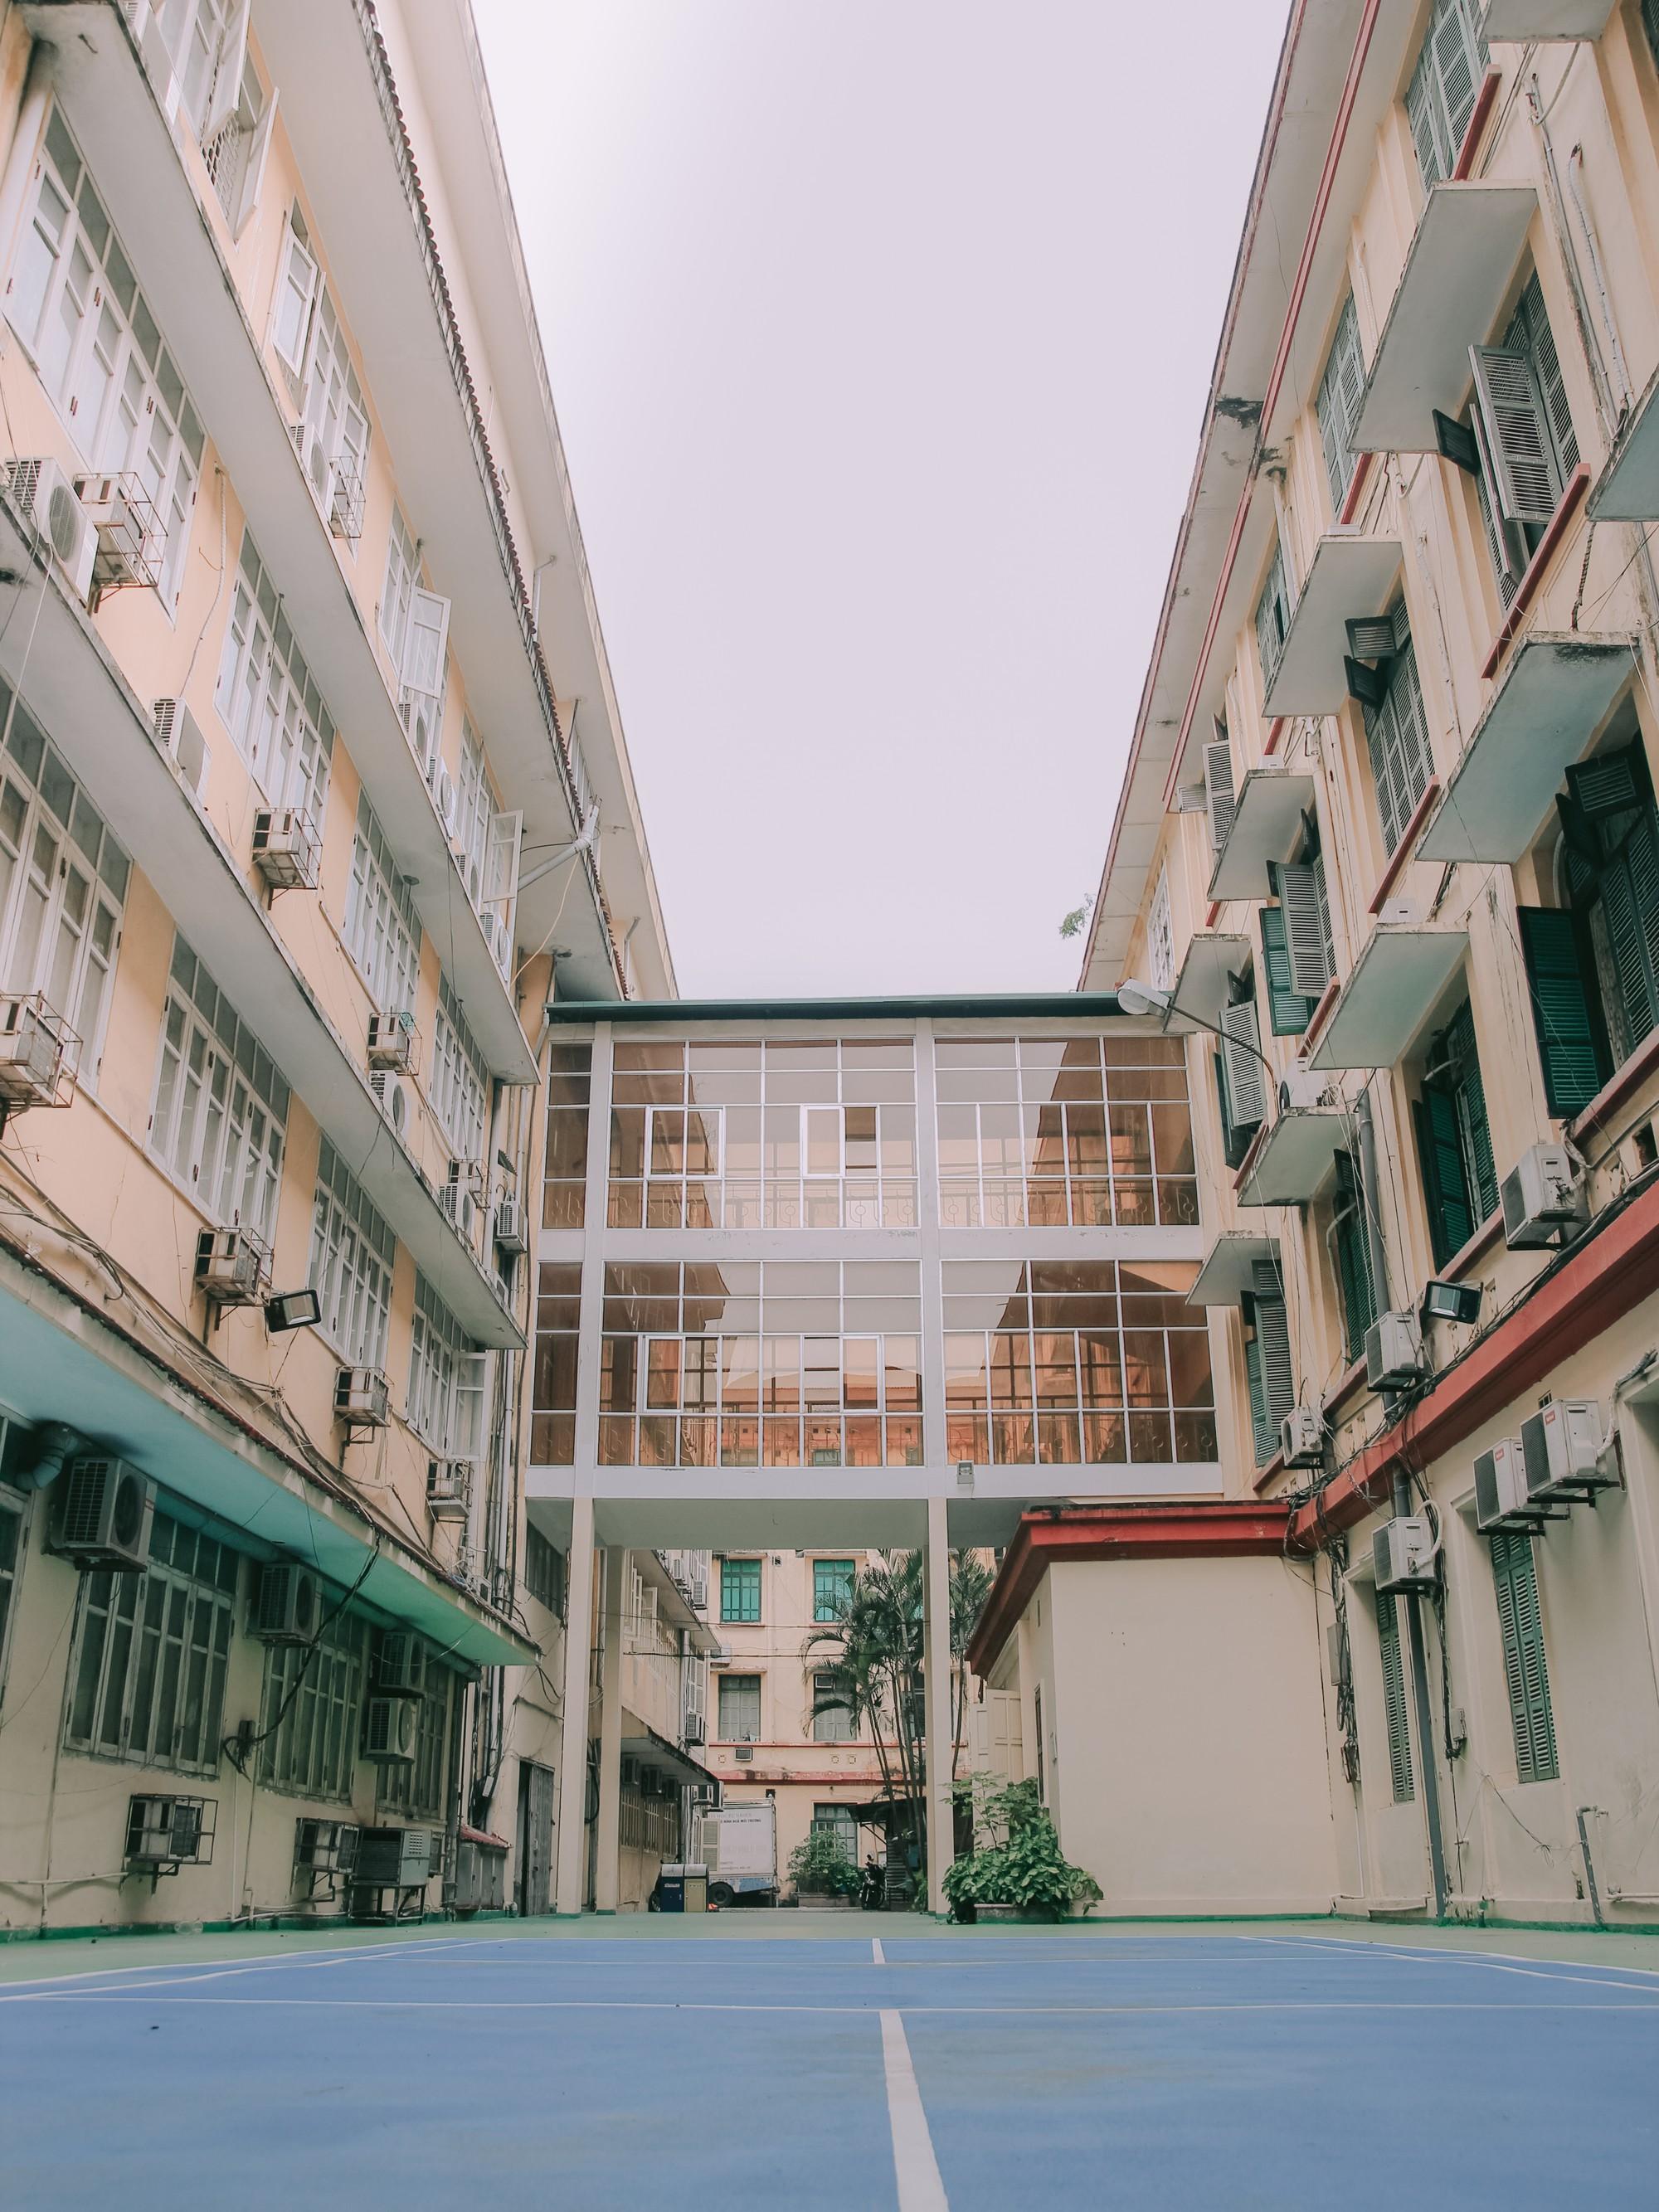 Ở Hà Nội có 1 ngôi trường mà đến cái thùng rác cũng là 1 góc sống ảo so deep - Ảnh 16.